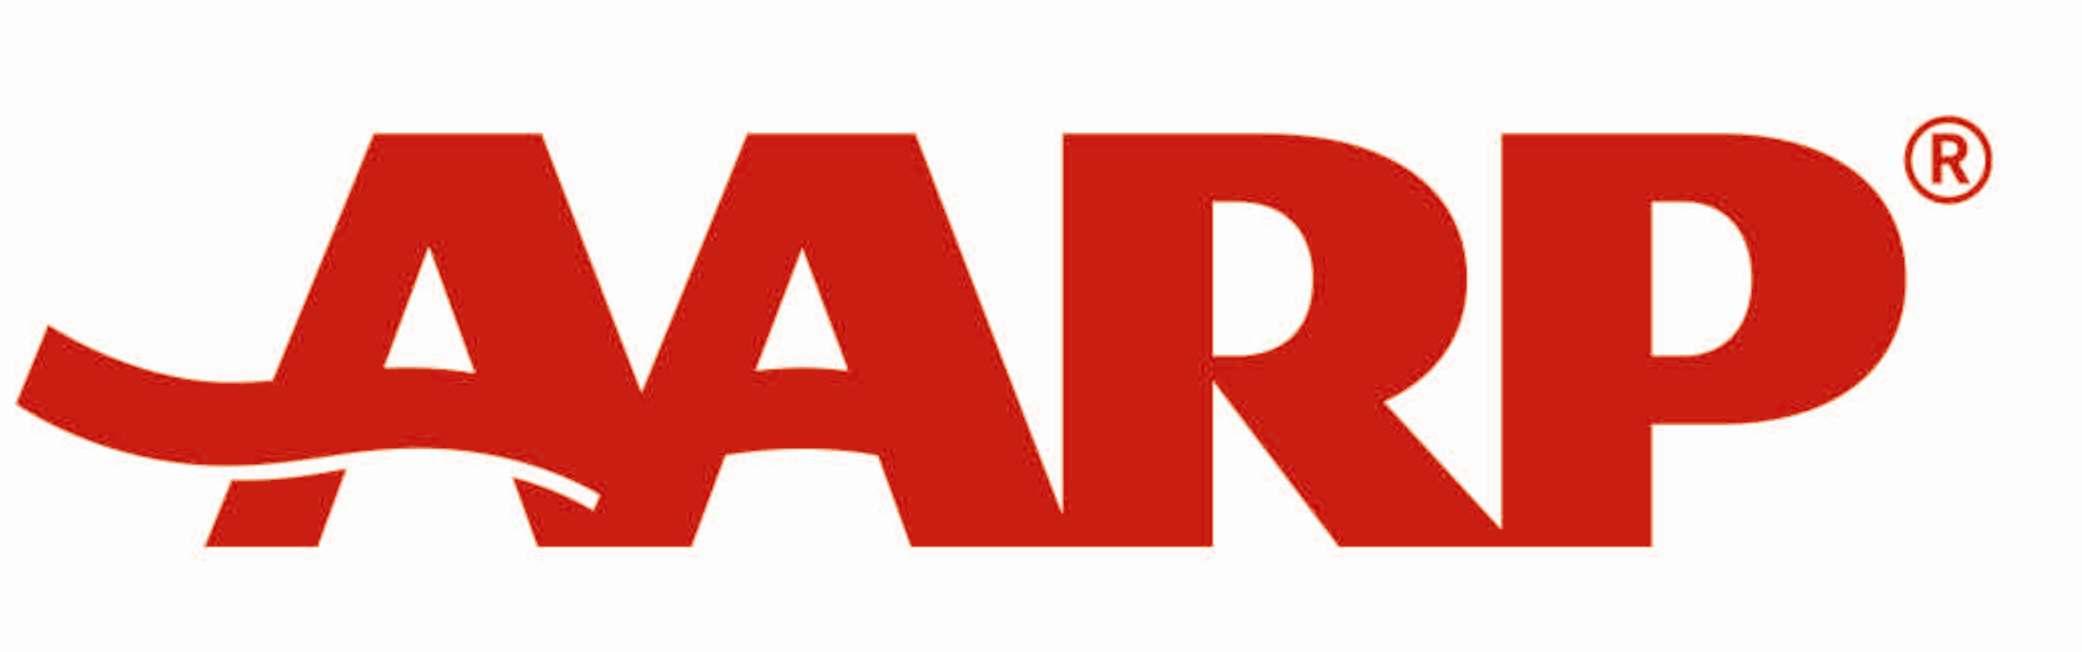 Aarp Logo Vector PNG - 33877